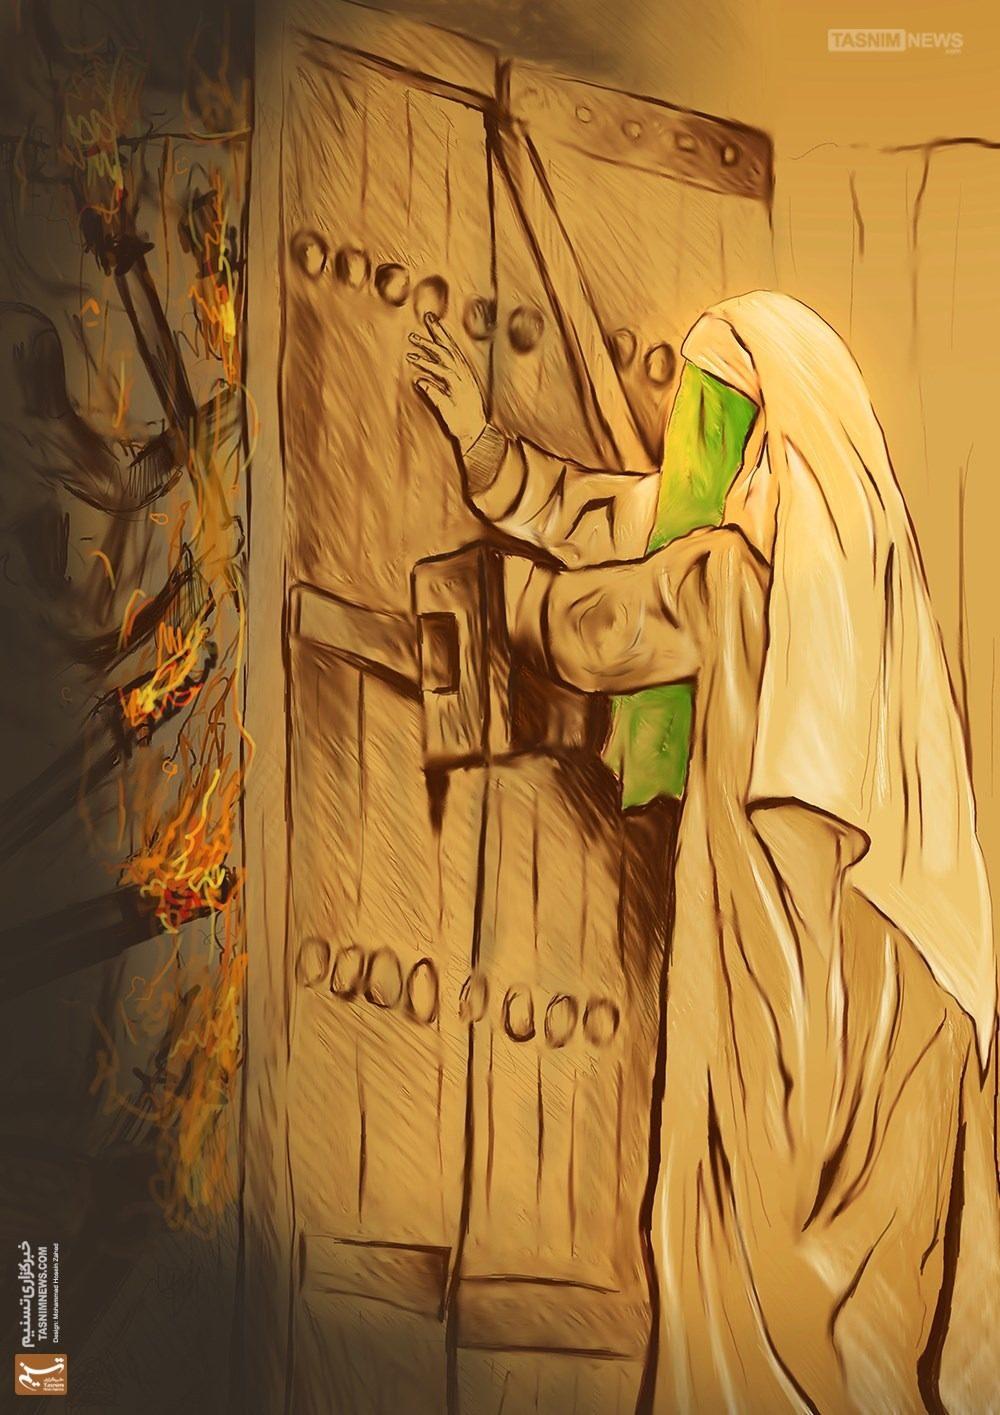 نقاشی حضرت فاطمه و ضربت خوردن ایشان پشت در